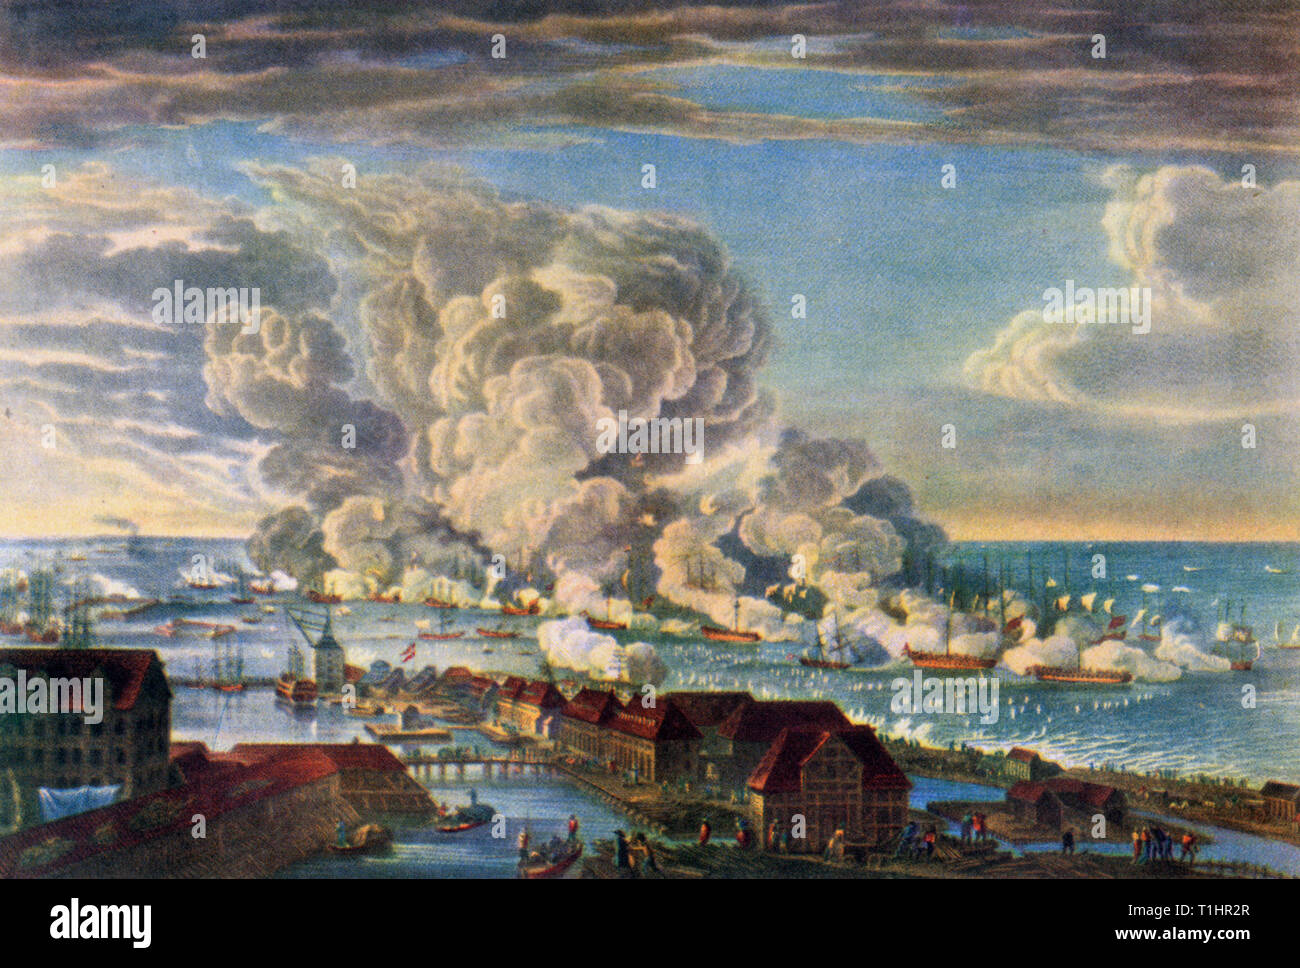 """""""La batalla de Copenhague"""" 2 de abril de 1801. 'LAGET på Reden' (la batalla de Copenhague). Por Johan Frederik Clemens (1749-1831) después de Christian August Lorentzen (1749-1828). Aquí se muestra la batalla dirigida por el almirante Horatio Nelson (1758-1805) que fue parte del ataque inglés a Copenhague durante las guerras napoleónicas. Este grabado fue una impresión contemporánea muy popular y fue una característica en muchos hogares como una muestra de patriotismo. Foto de stock"""